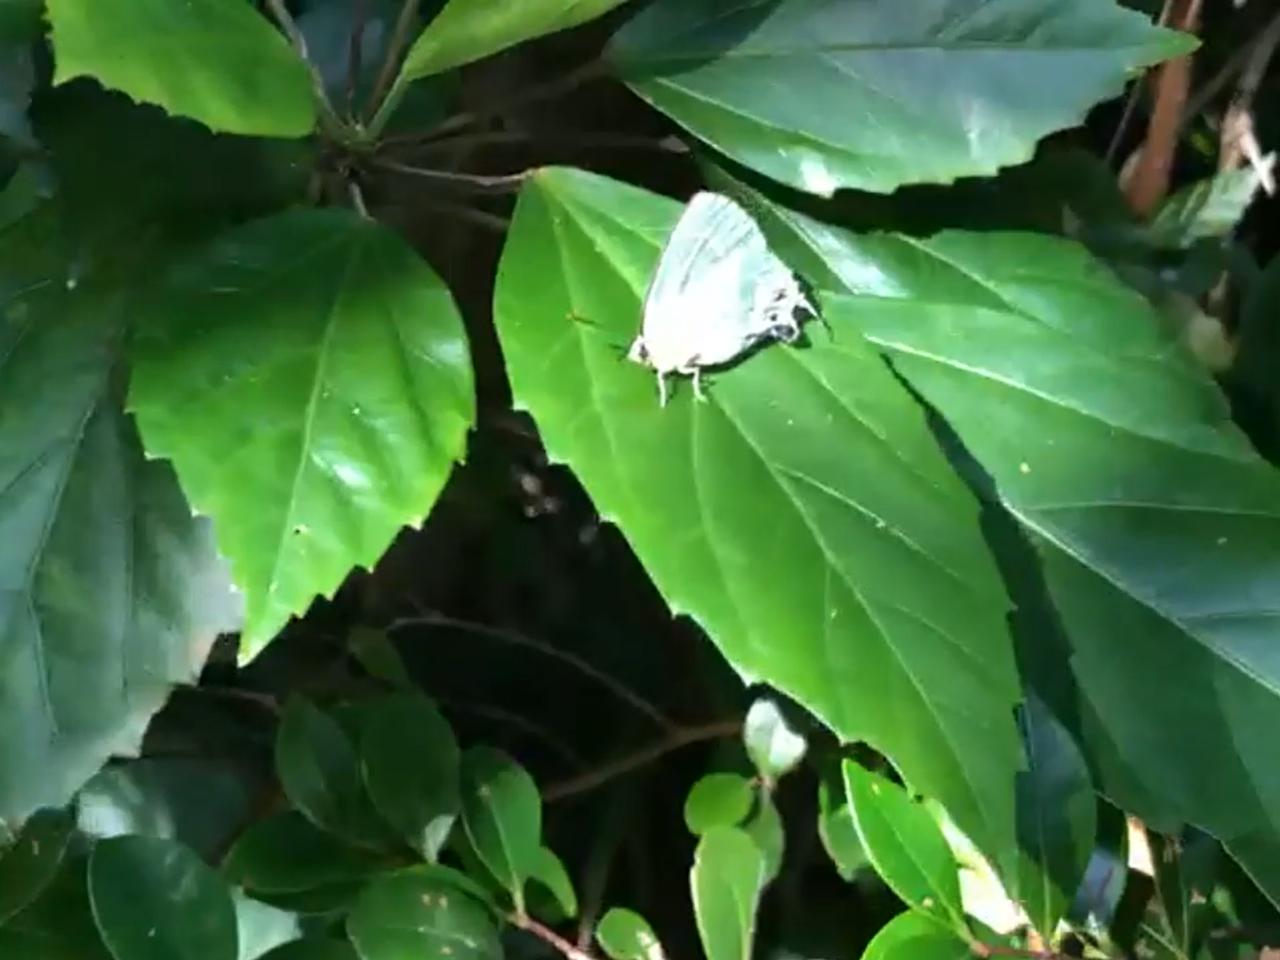 座間味島に精通するガイド・大坪さんが大興奮するような超希少なチョウと出会えました。